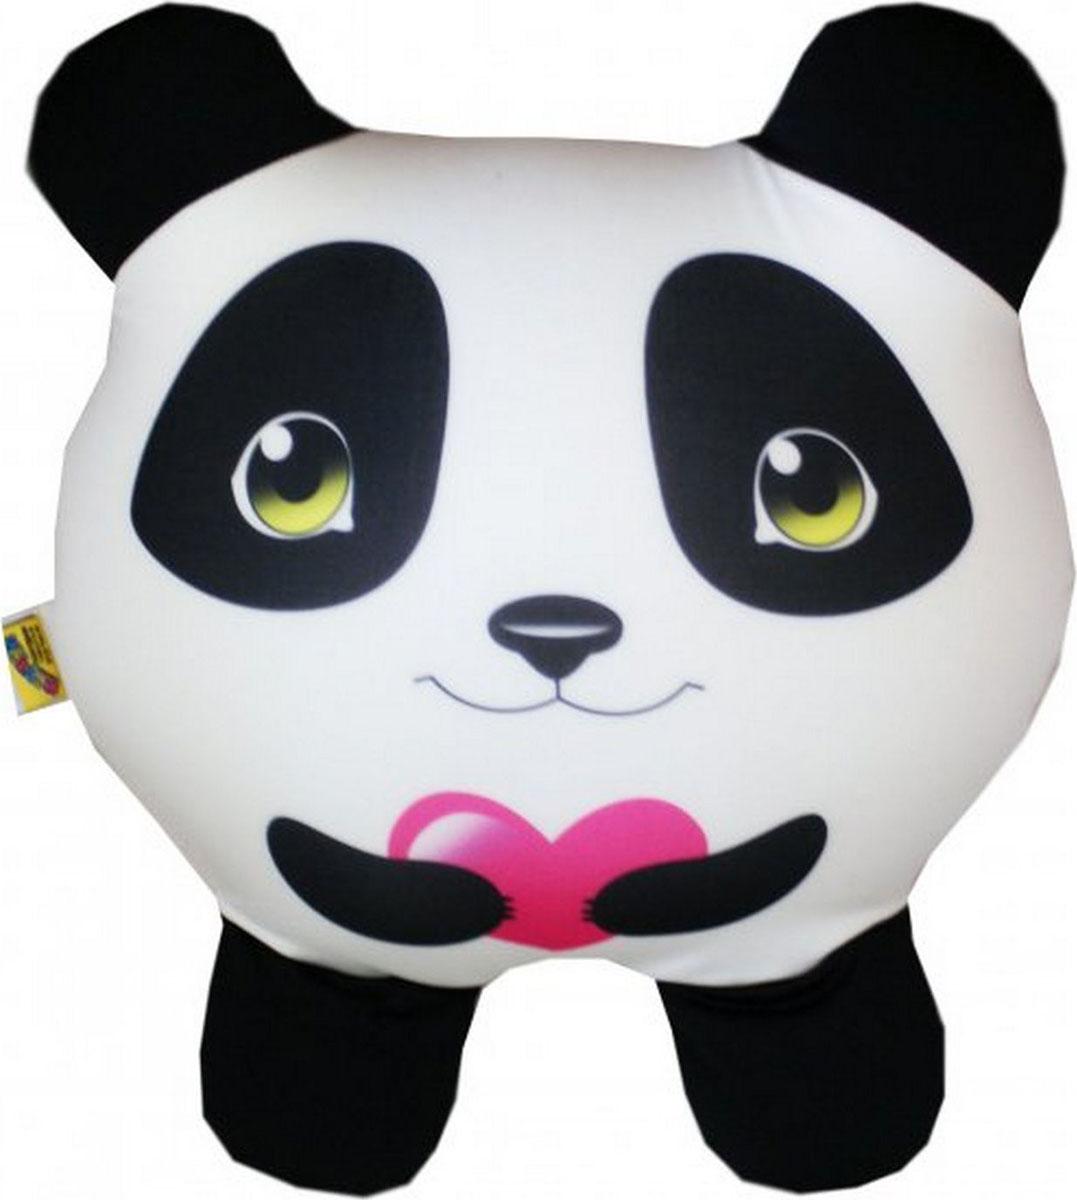 """Подушка-игрушка антистрессовая Штучки, к которым тянутся ручки """"Круглые звери. Панда"""". 14аси23ив-2"""